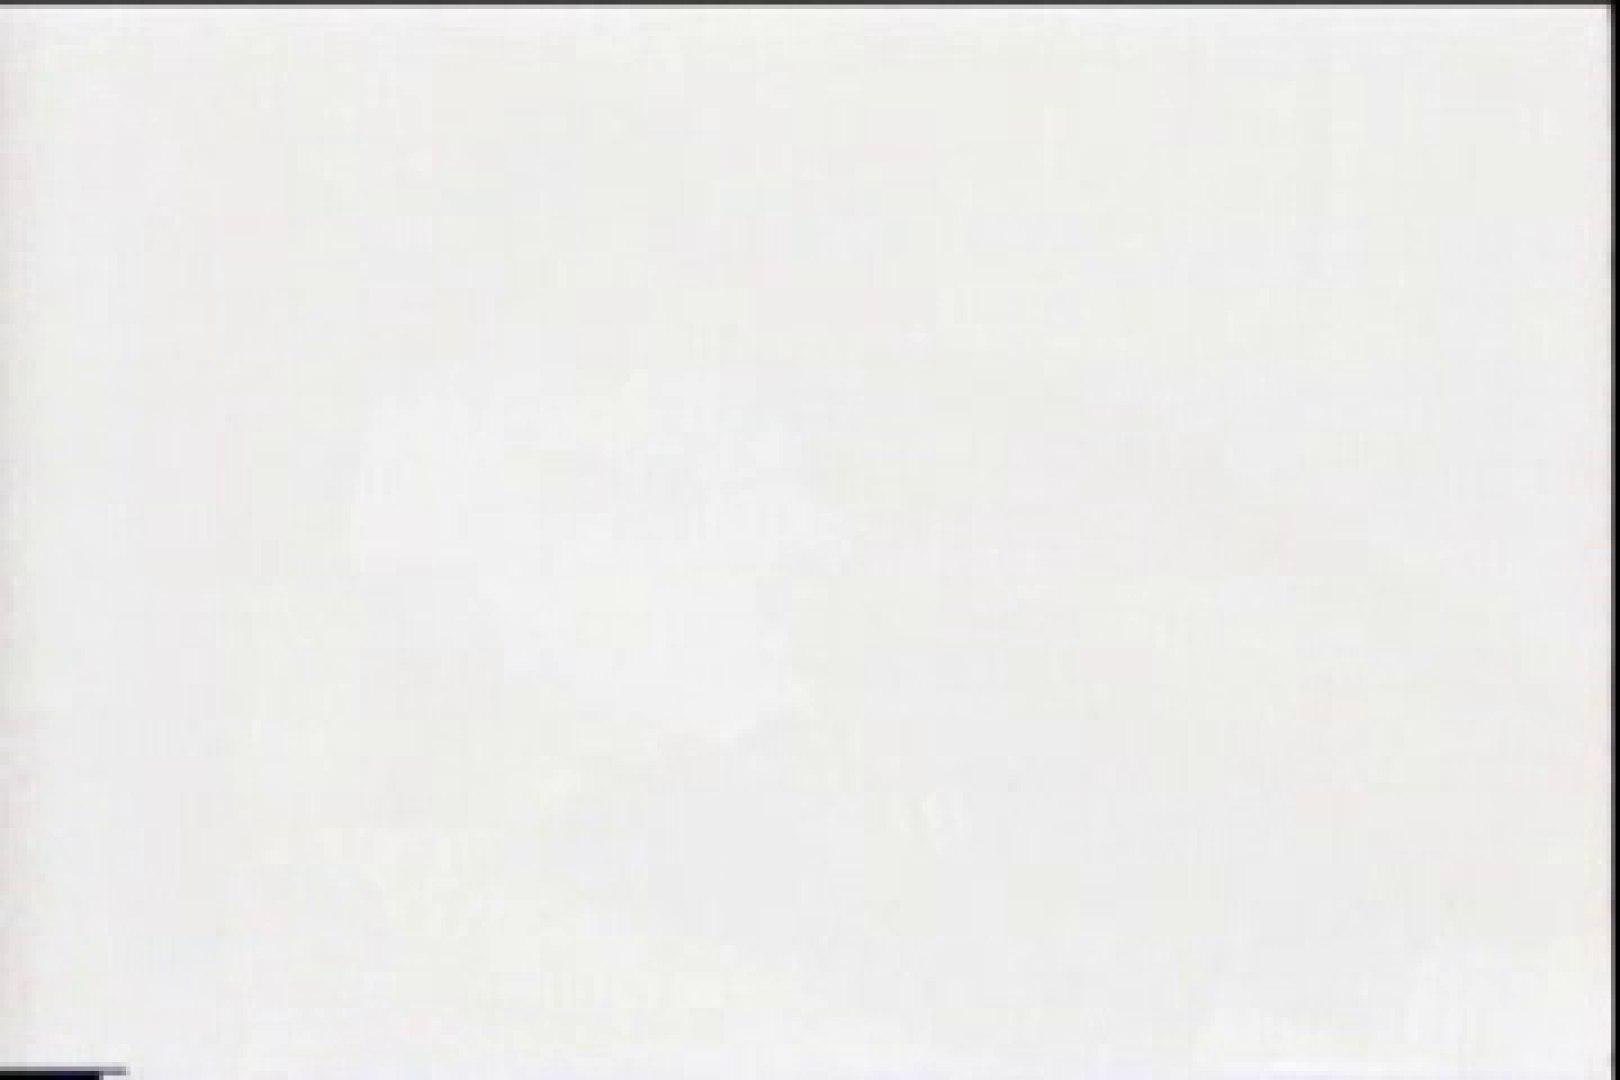 美少年 敏感チンコ達! ! パート4 オナニー | 美少年 アダルトビデオ画像キャプチャ 61pic 26